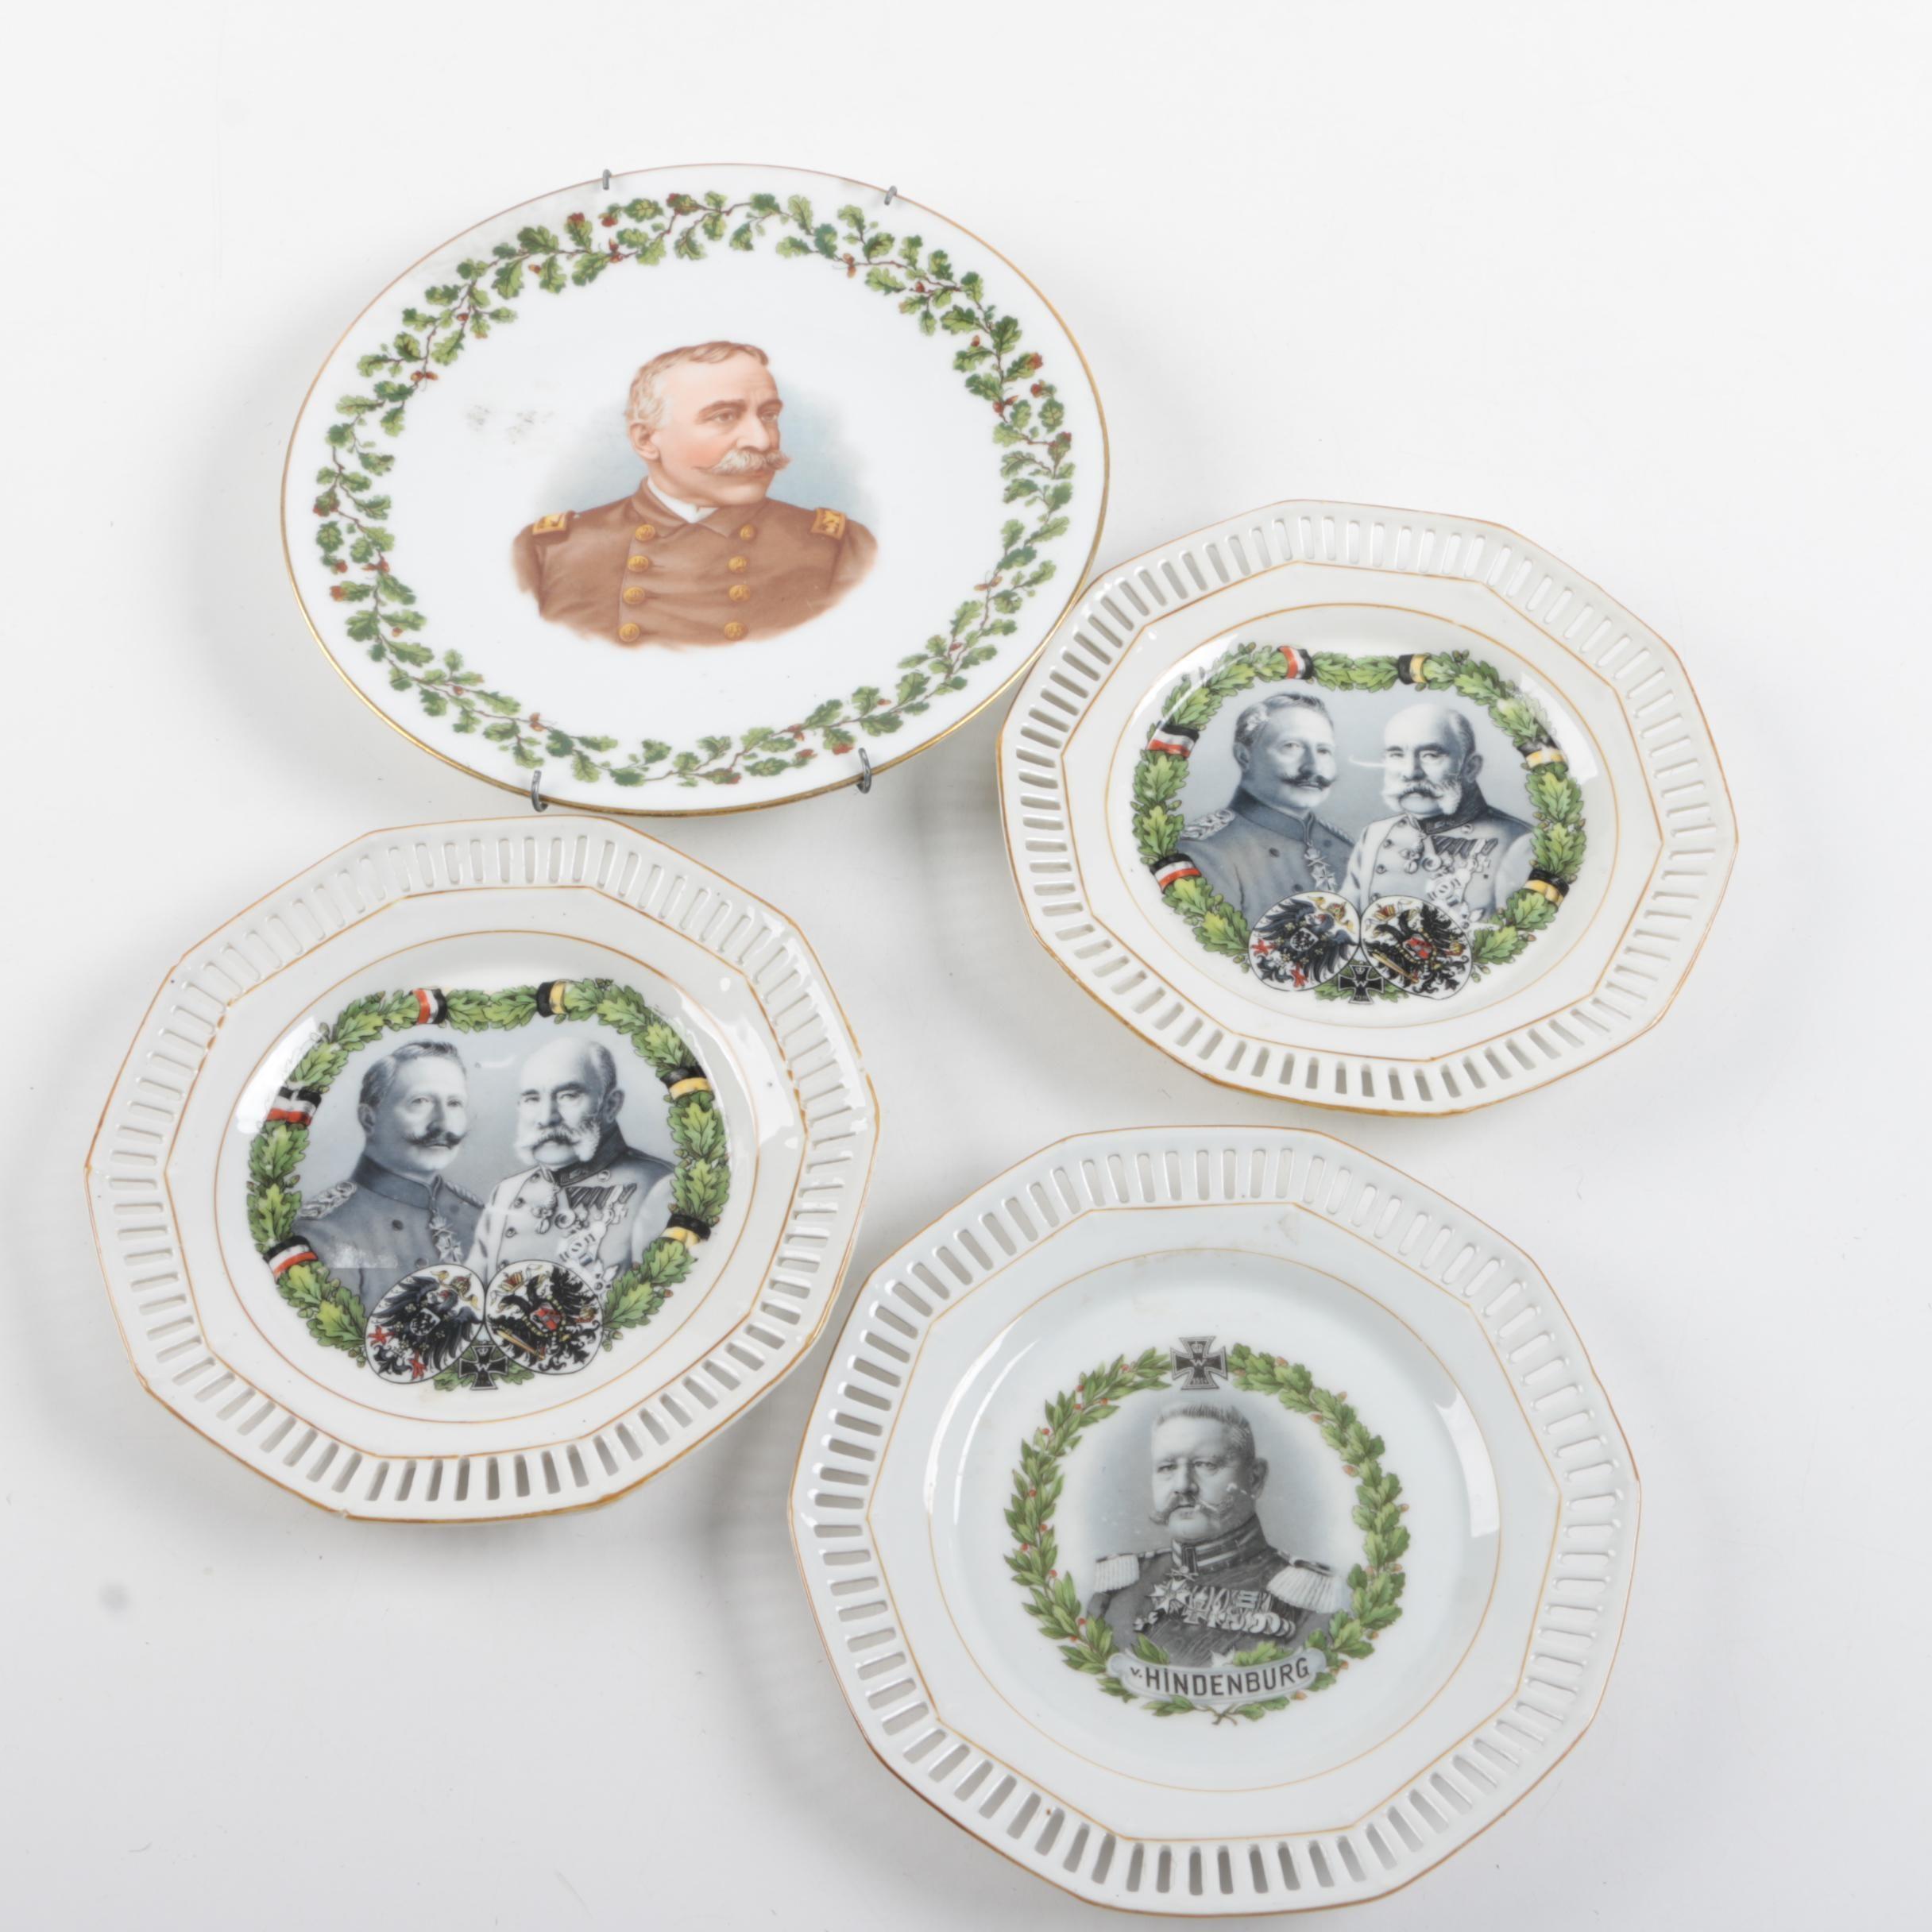 Antique Porcelain Plates Including Tressemann & Vogt